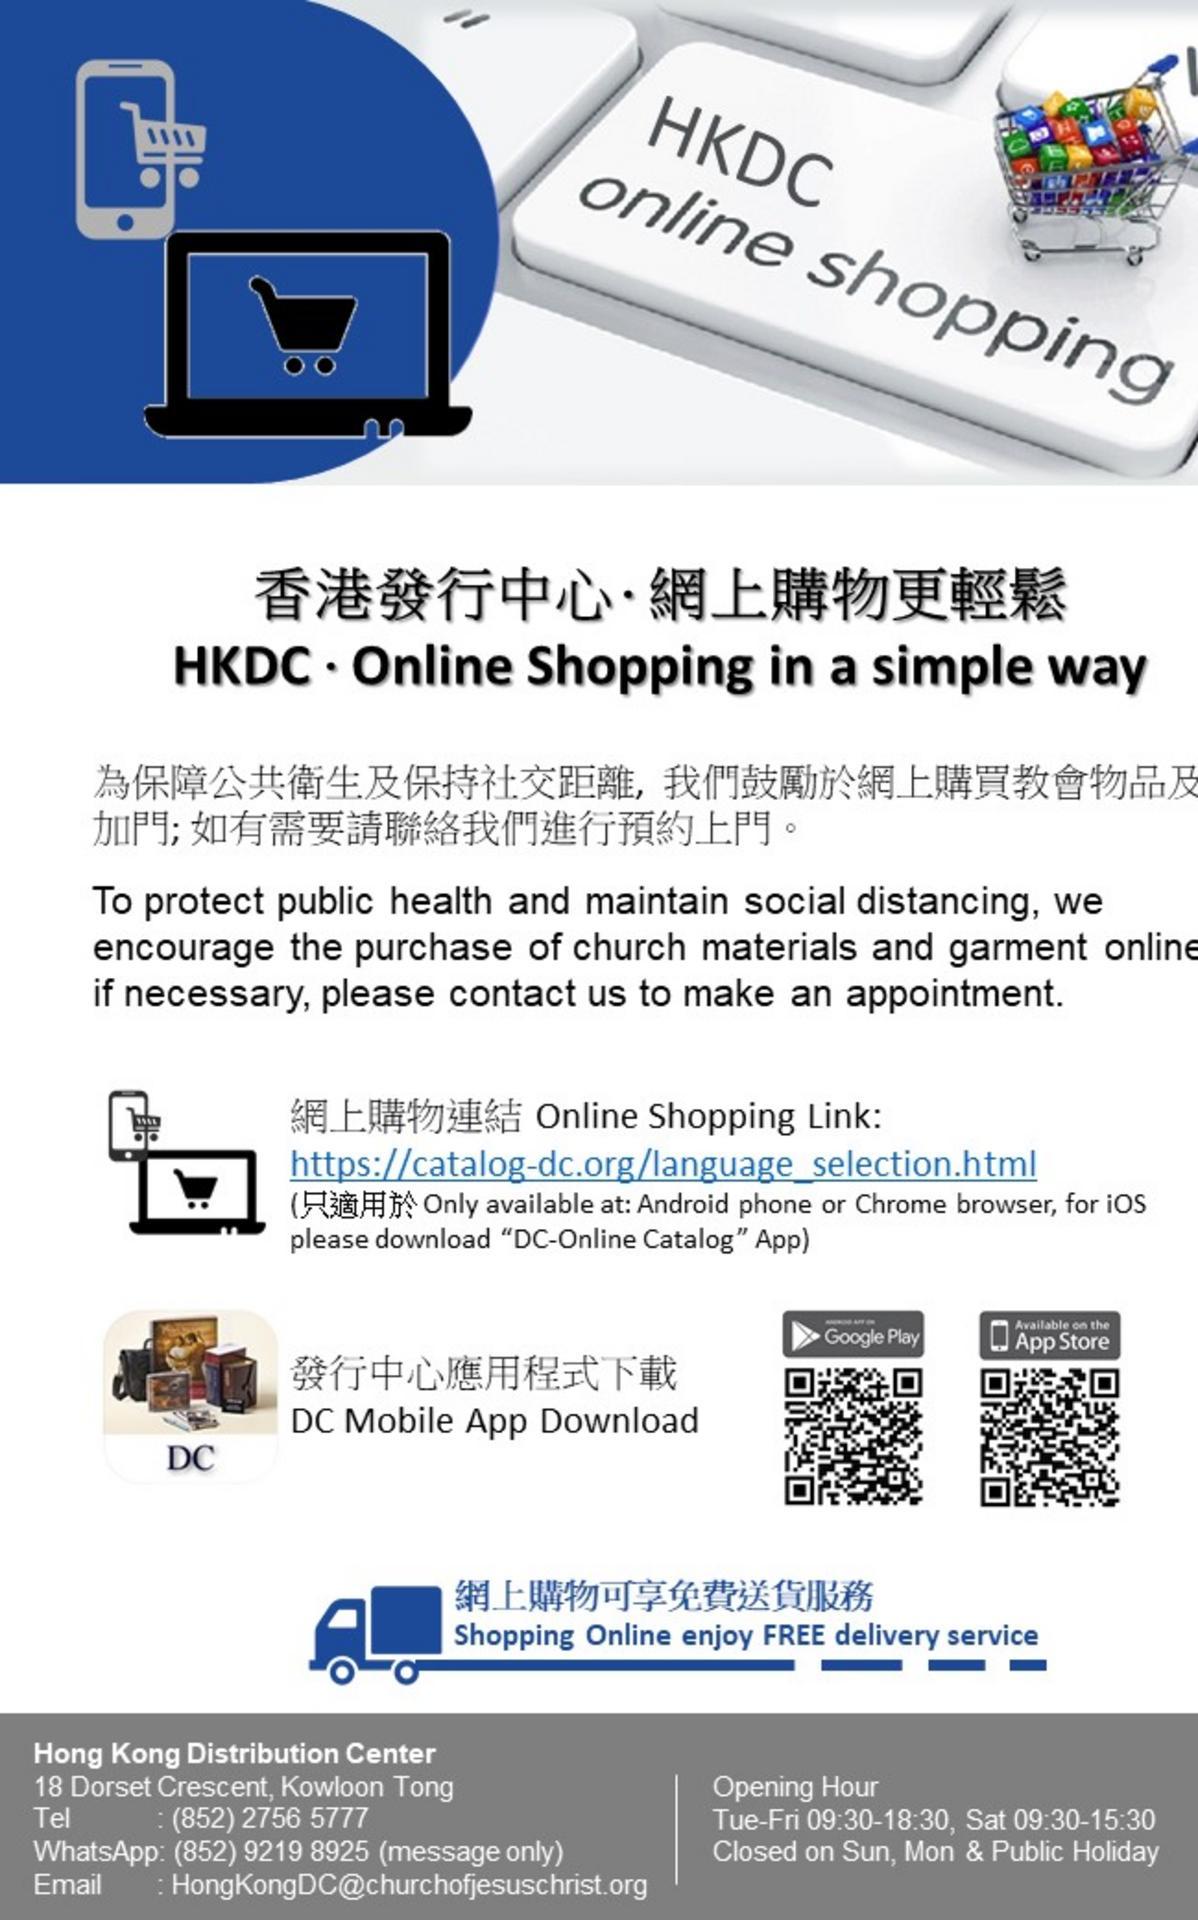 香港發行中心.網上購物更輕鬆